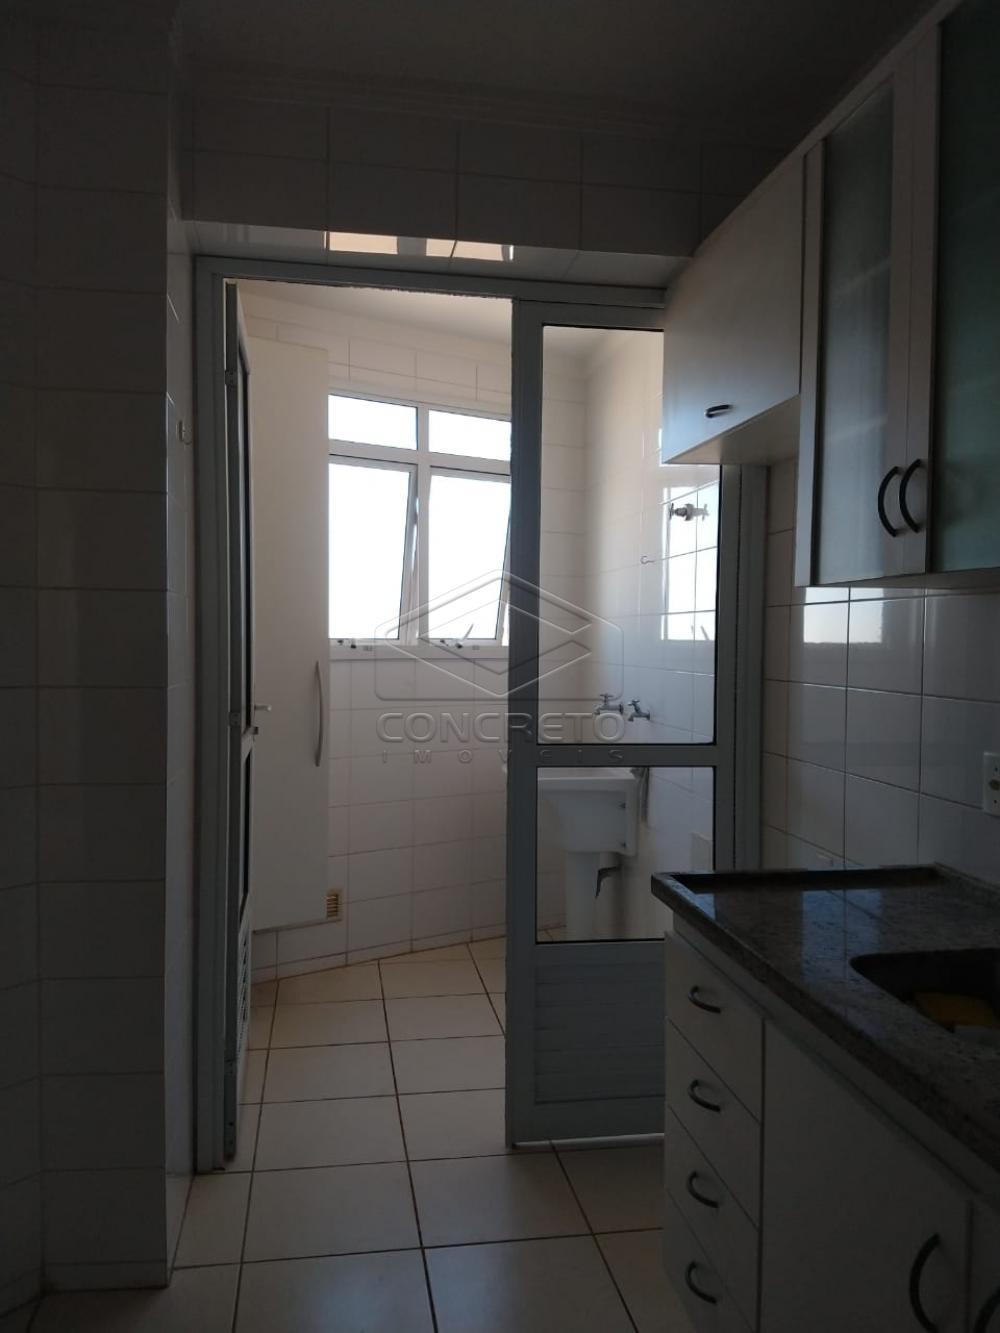 Comprar Apartamento / Padrão em Bauru R$ 340.000,00 - Foto 15